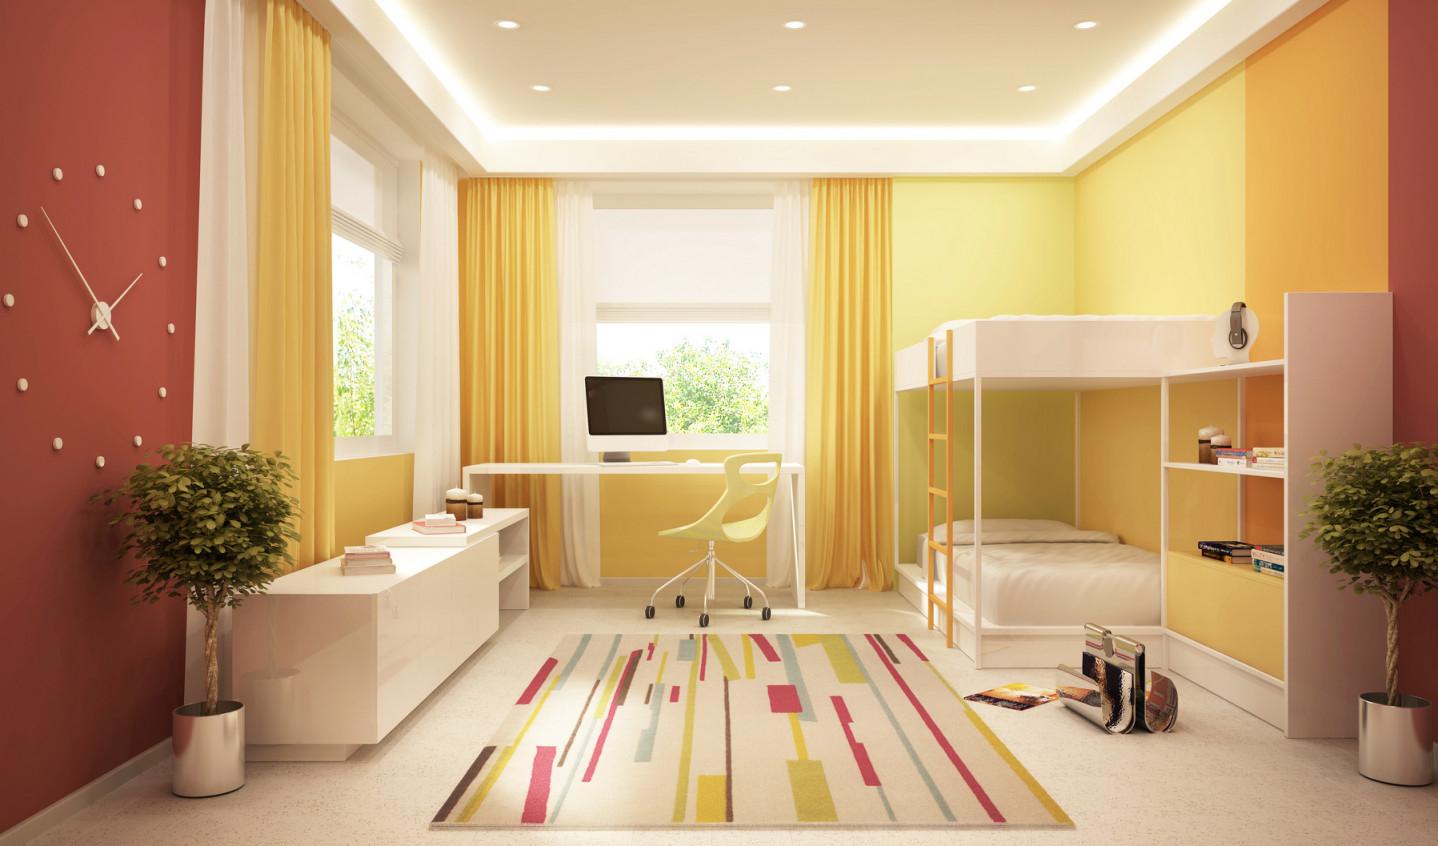 Gardinen 6 Ideen Für Das Wohnzimmer von Wohnzimmer Gardinen Mediterran Photo